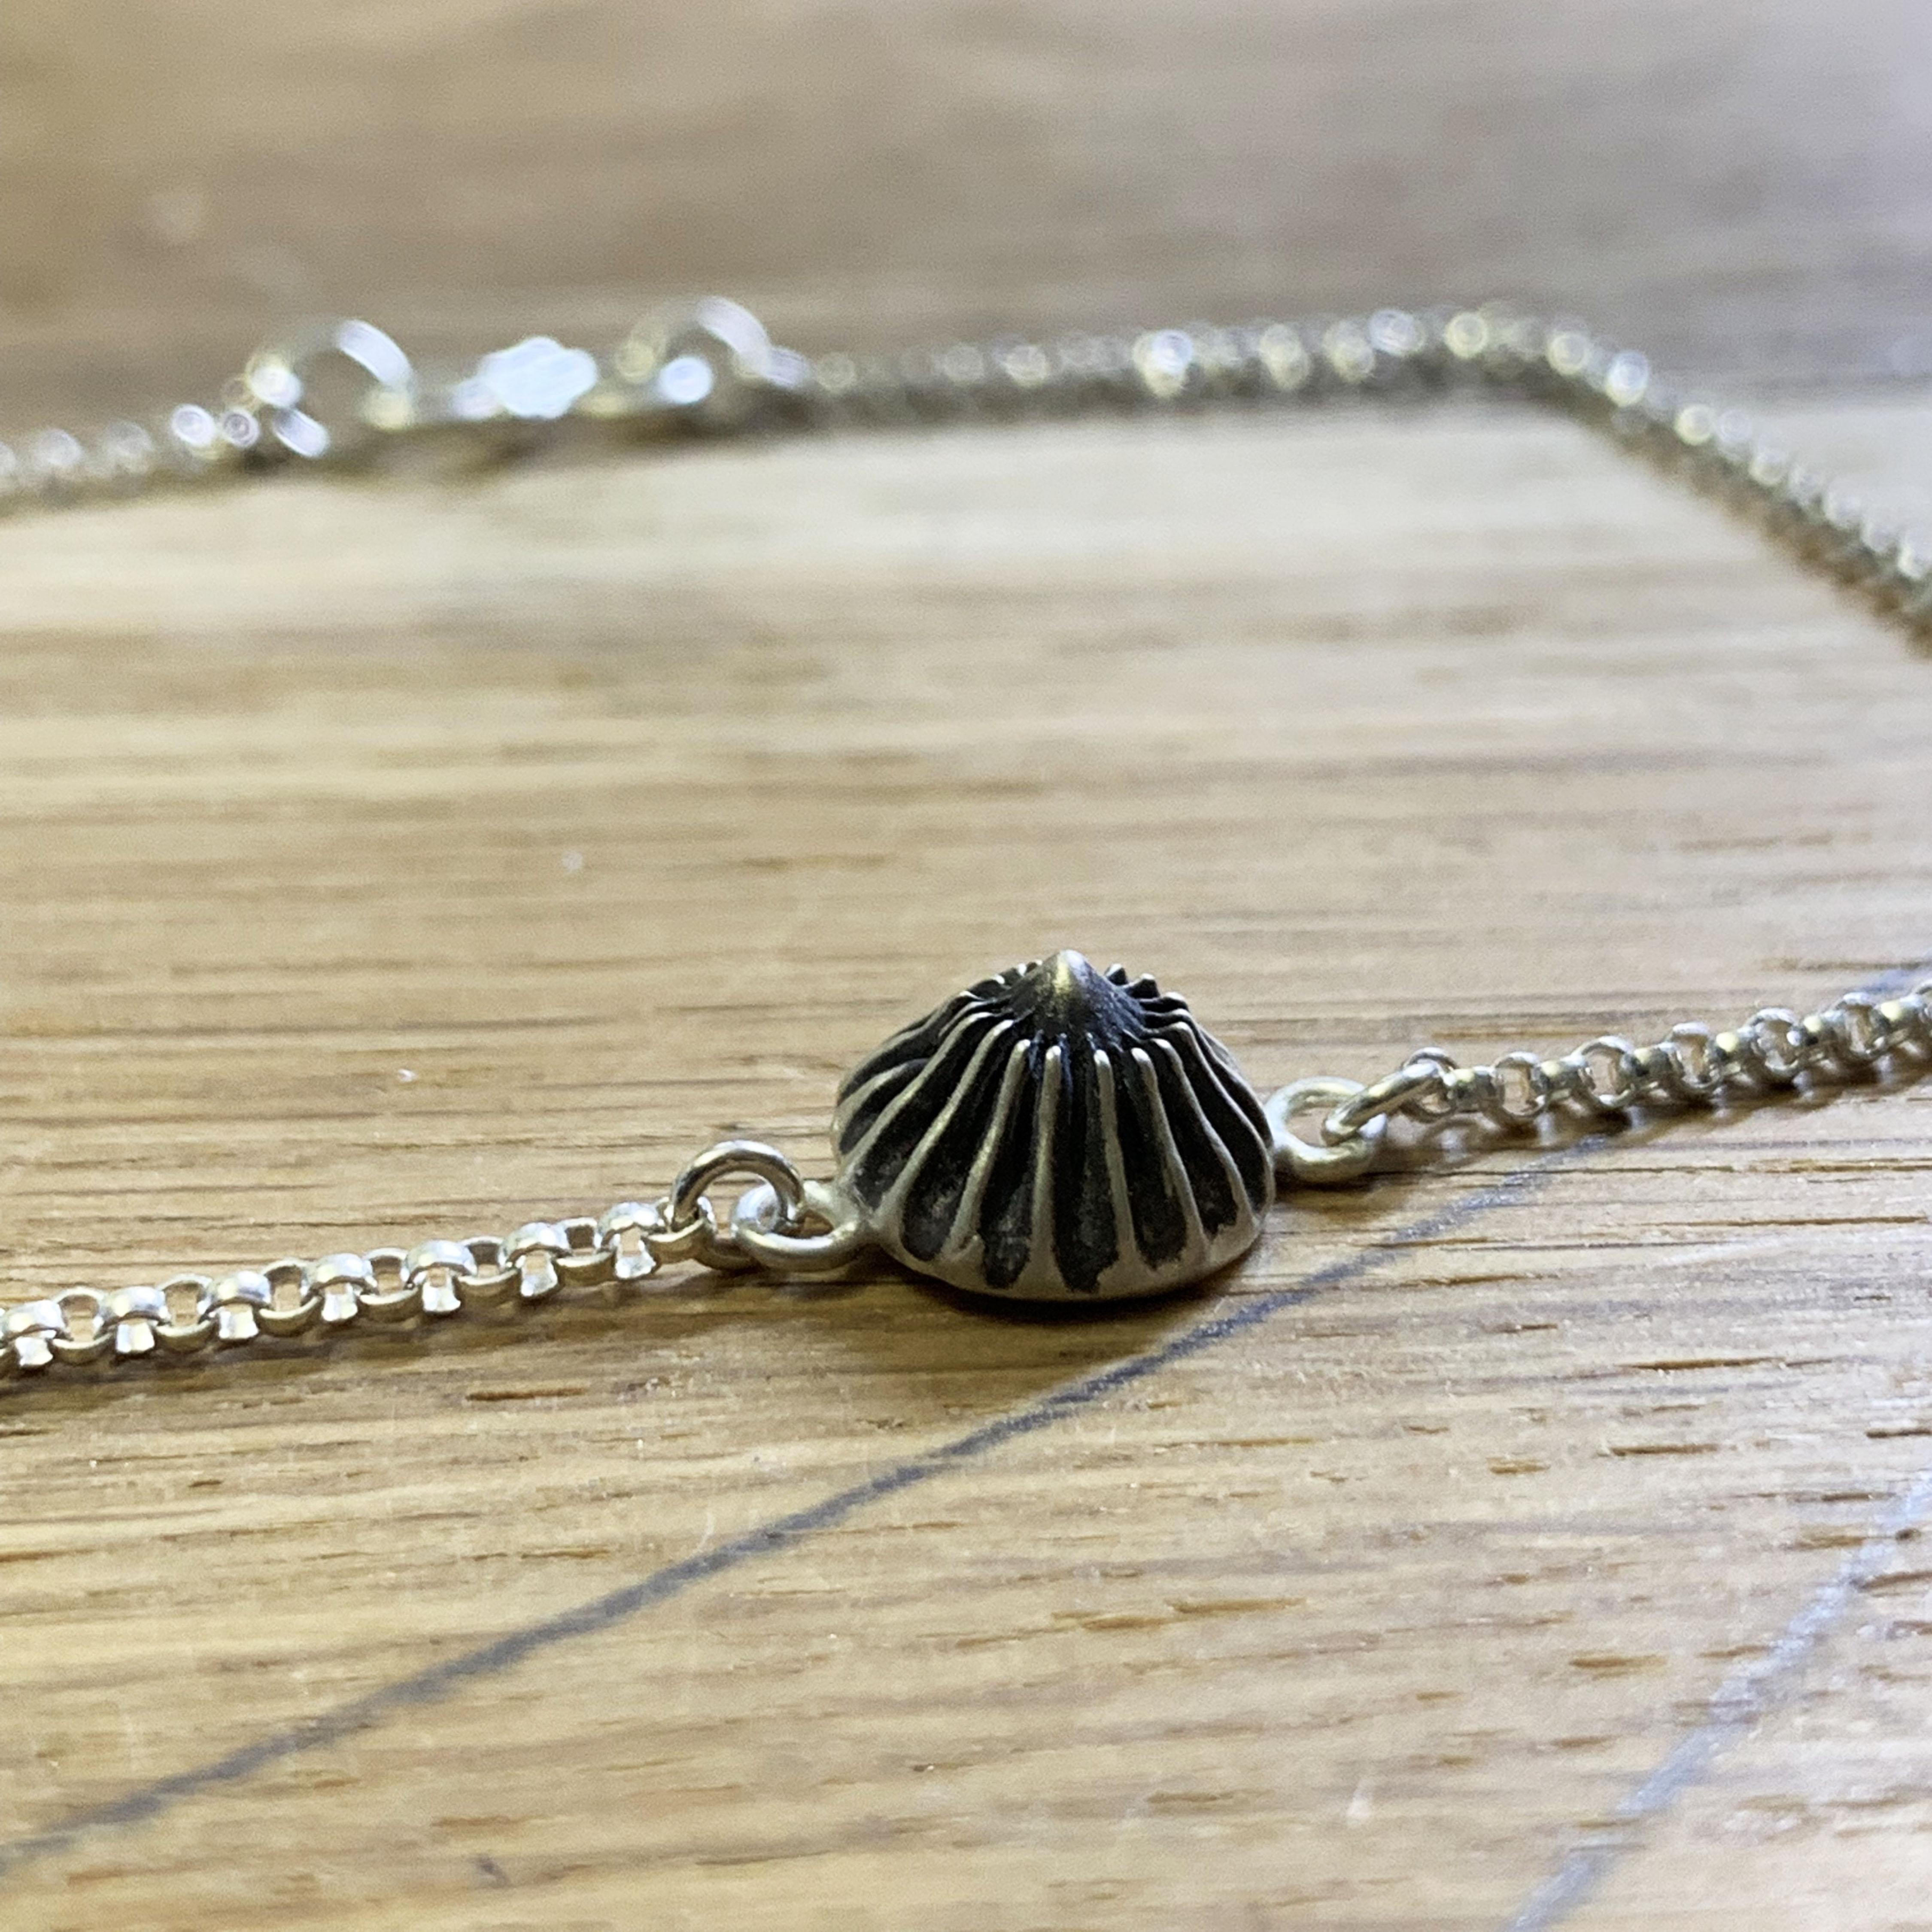 Urchin silver bracelet